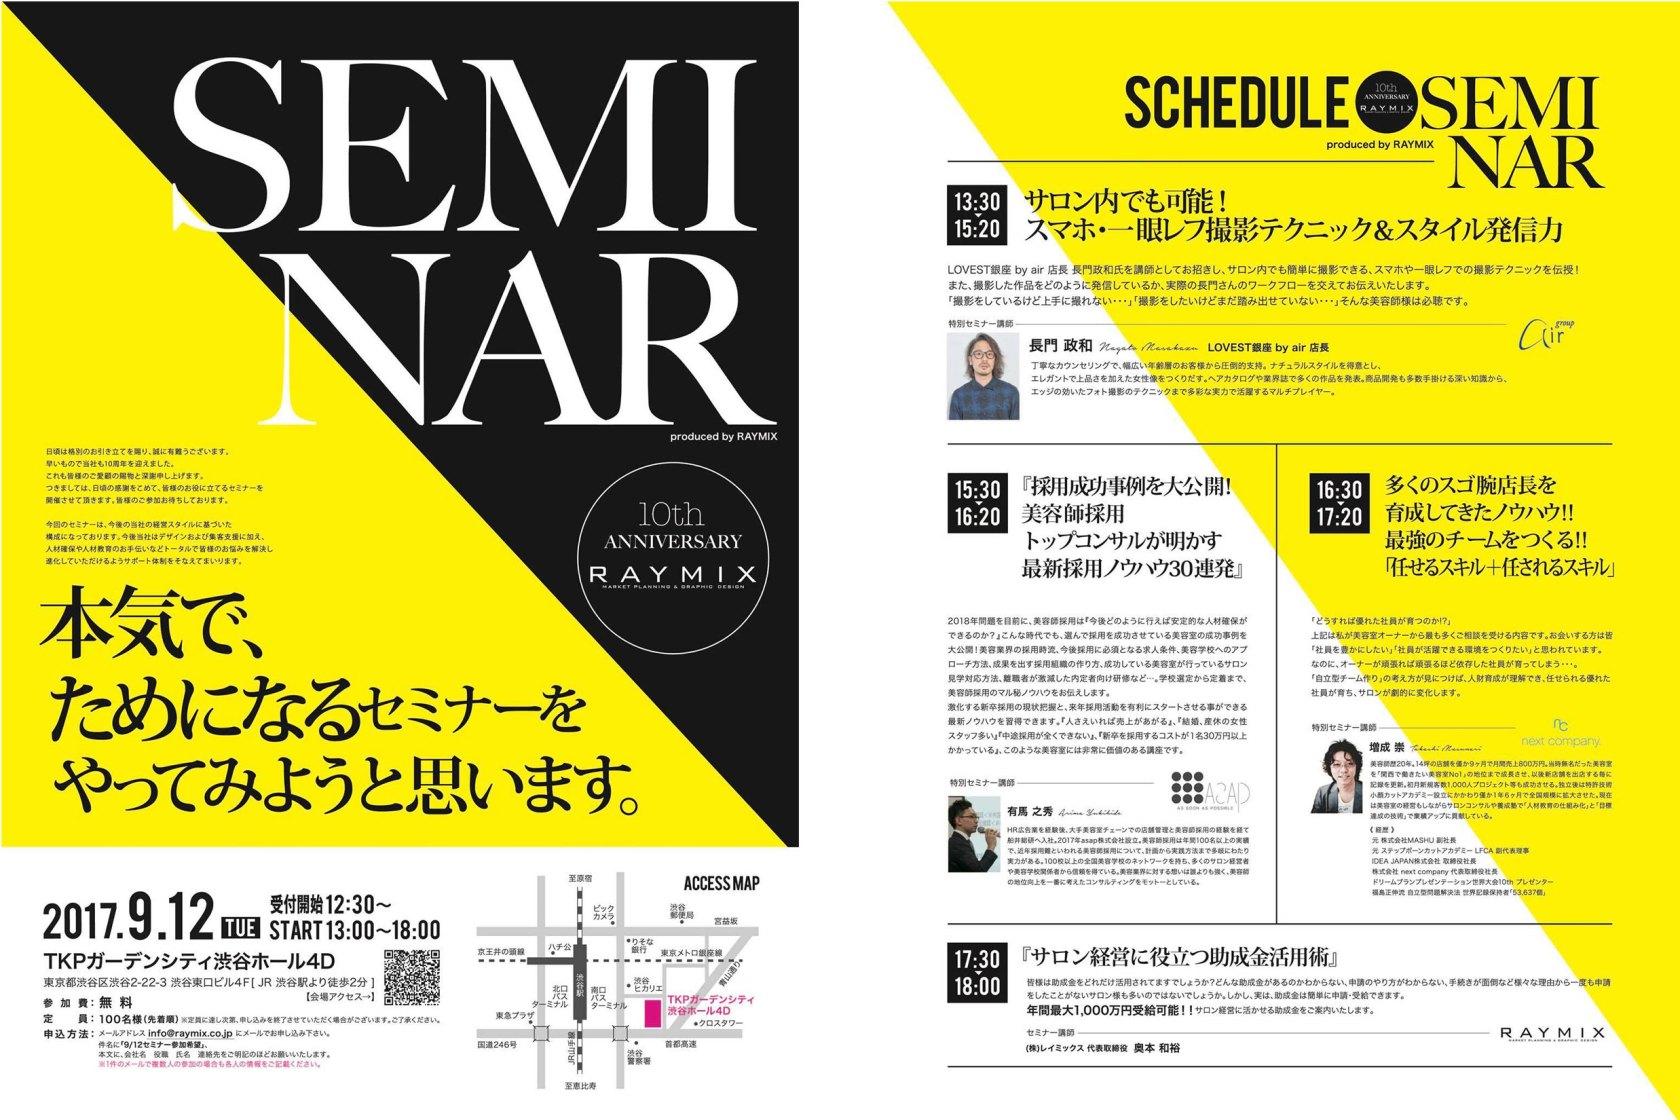 「本気でためになるセミナー」RAYMIX(レイミックス)10周年記念セミナー!超太っ腹な『無料』セミナー!!